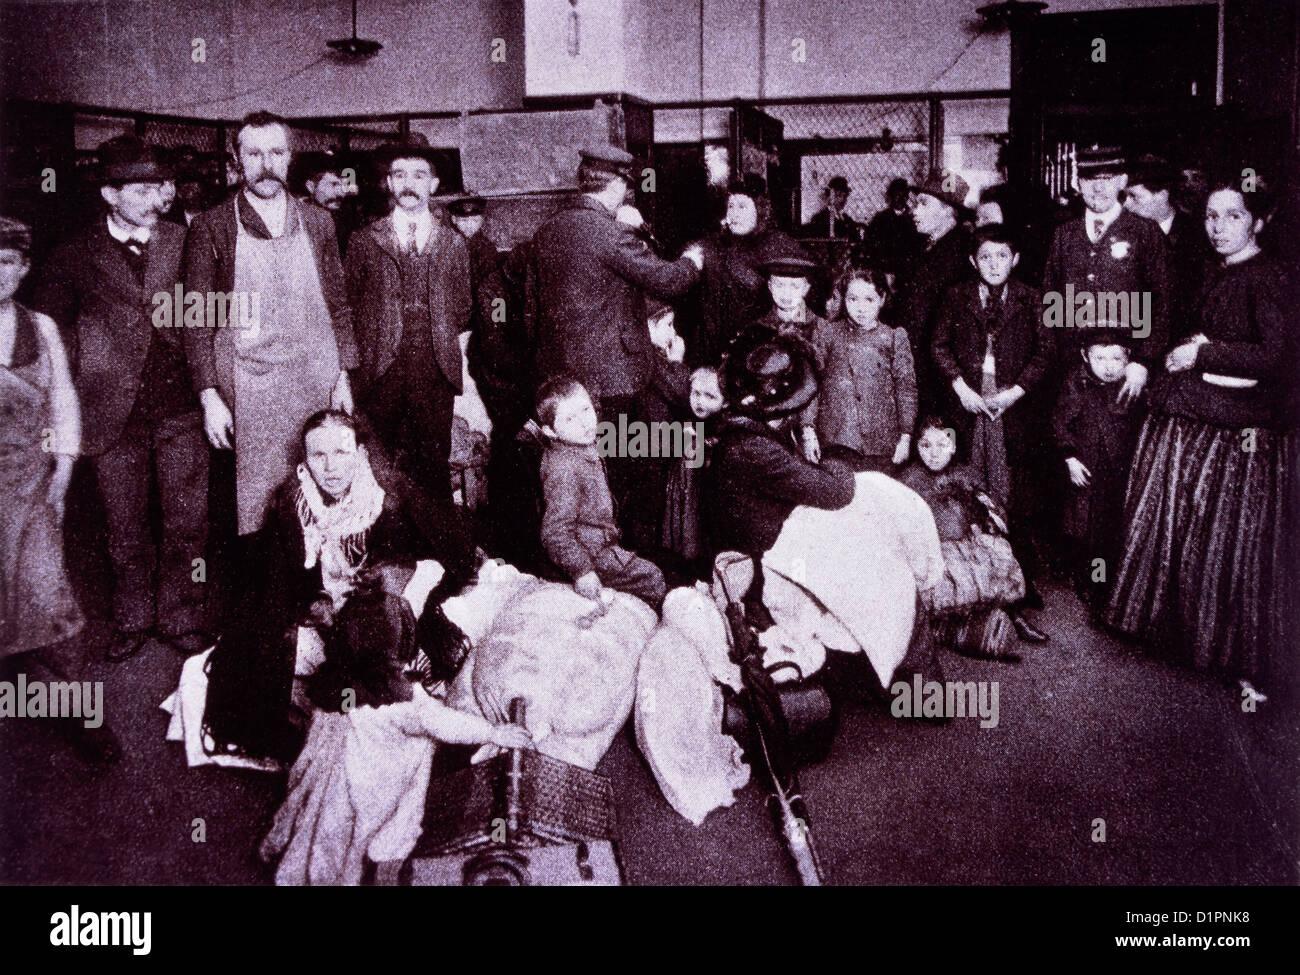 Emigranten am Eisenbahn-Abteilung warten, während Beamte dabei helfen, Gepäck, Ellis Island, New York, USA, ca. Stockfoto